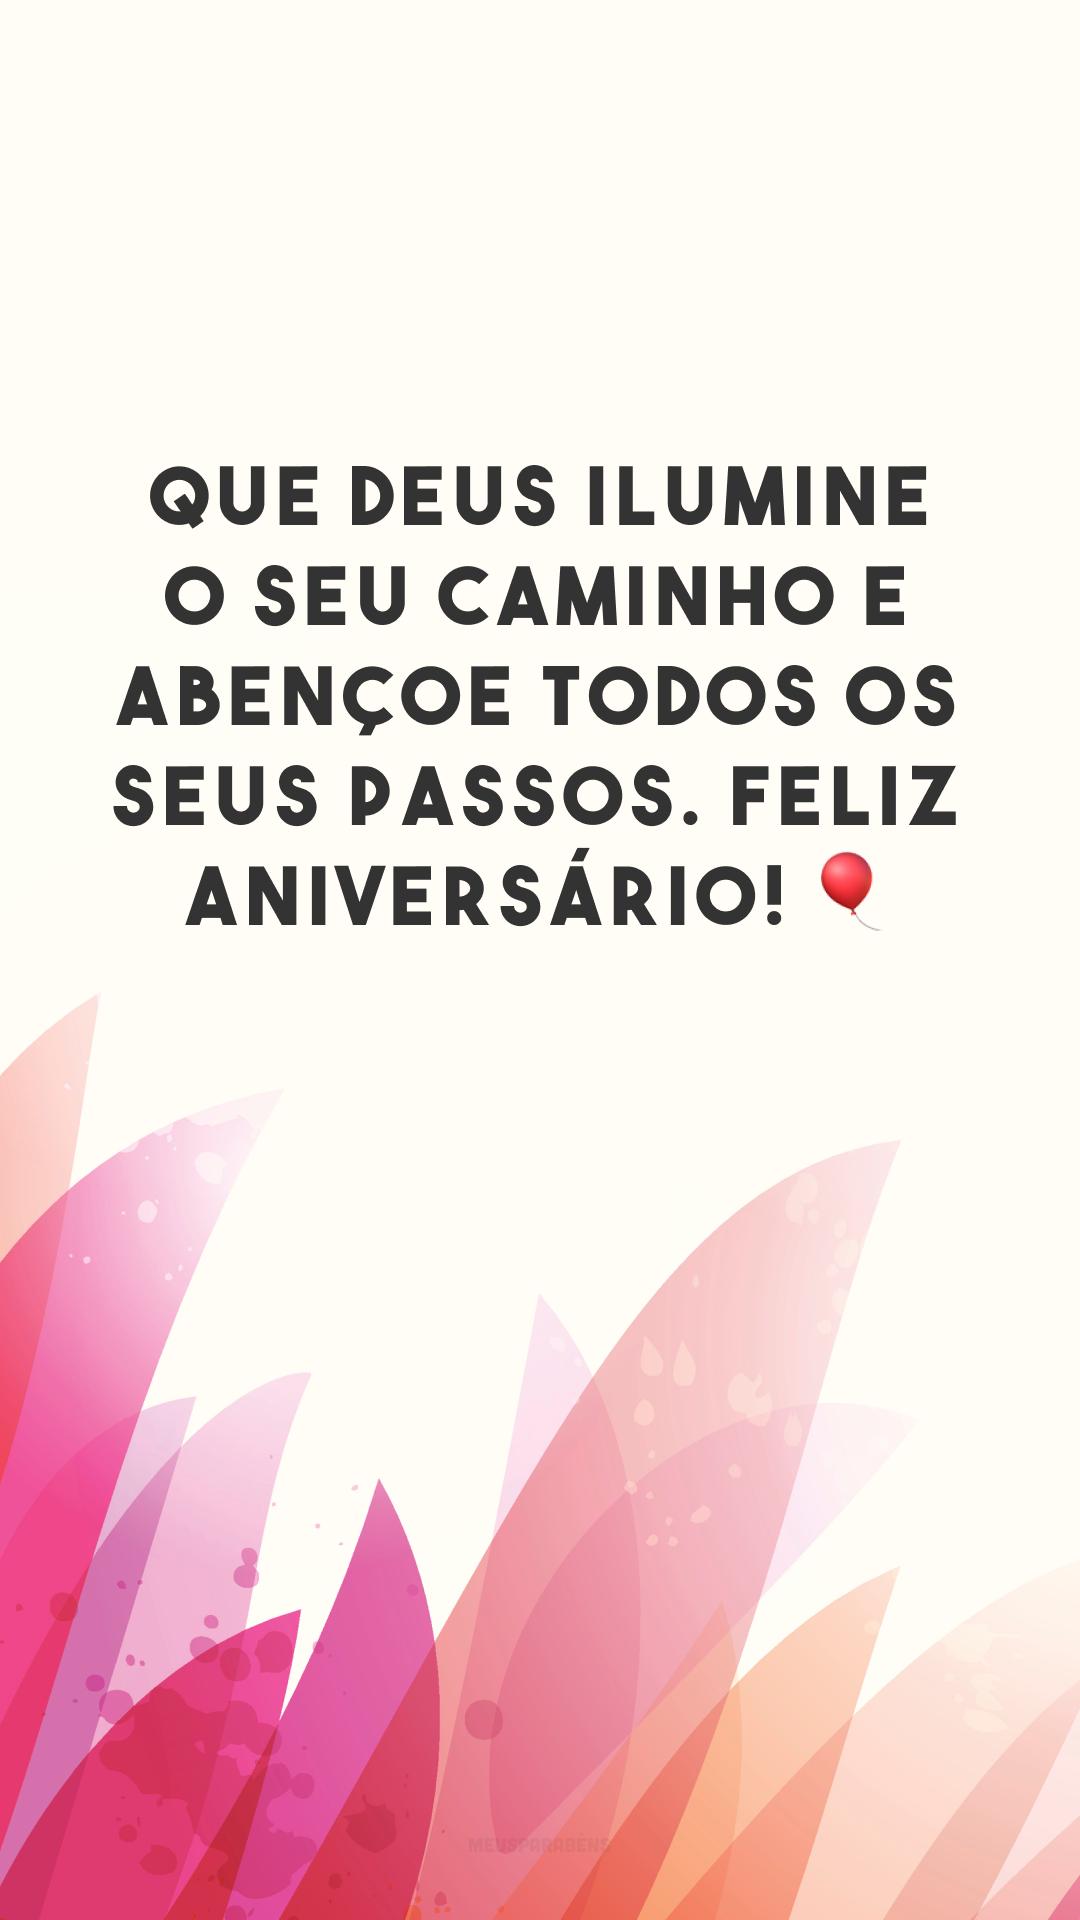 Que Deus ilumine o seu caminho e abençoe todos os seus passos. Feliz aniversário! 🎈